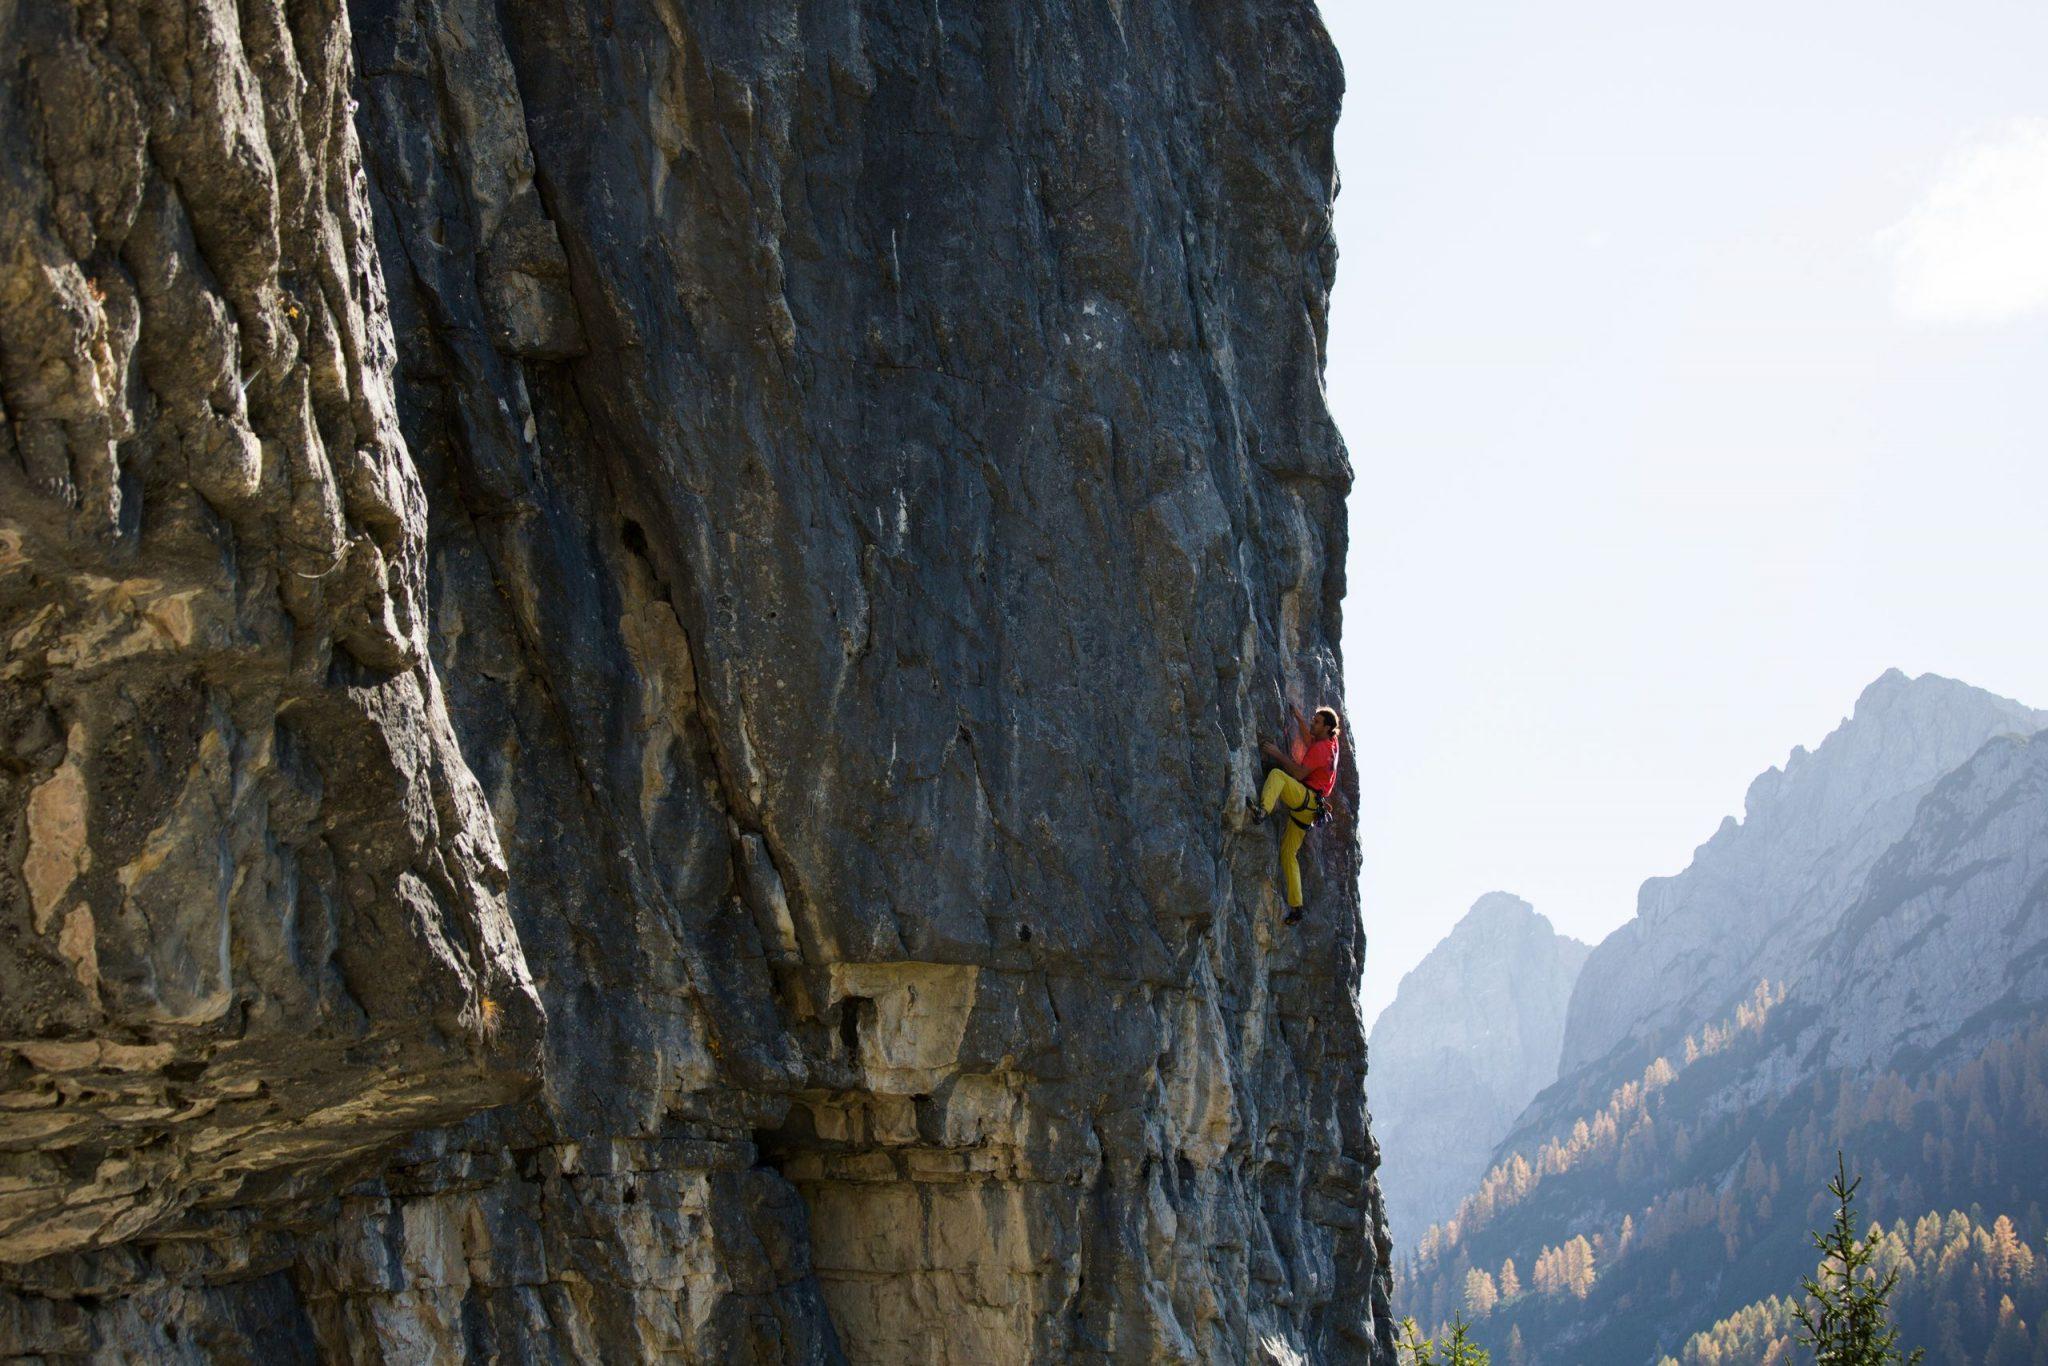 Routen mit Schwierigkeitsgrad 5-8 bei der Dolomitenhütte, Foto: Tirol Werbung, Johannes Mair | Climbers Paradise